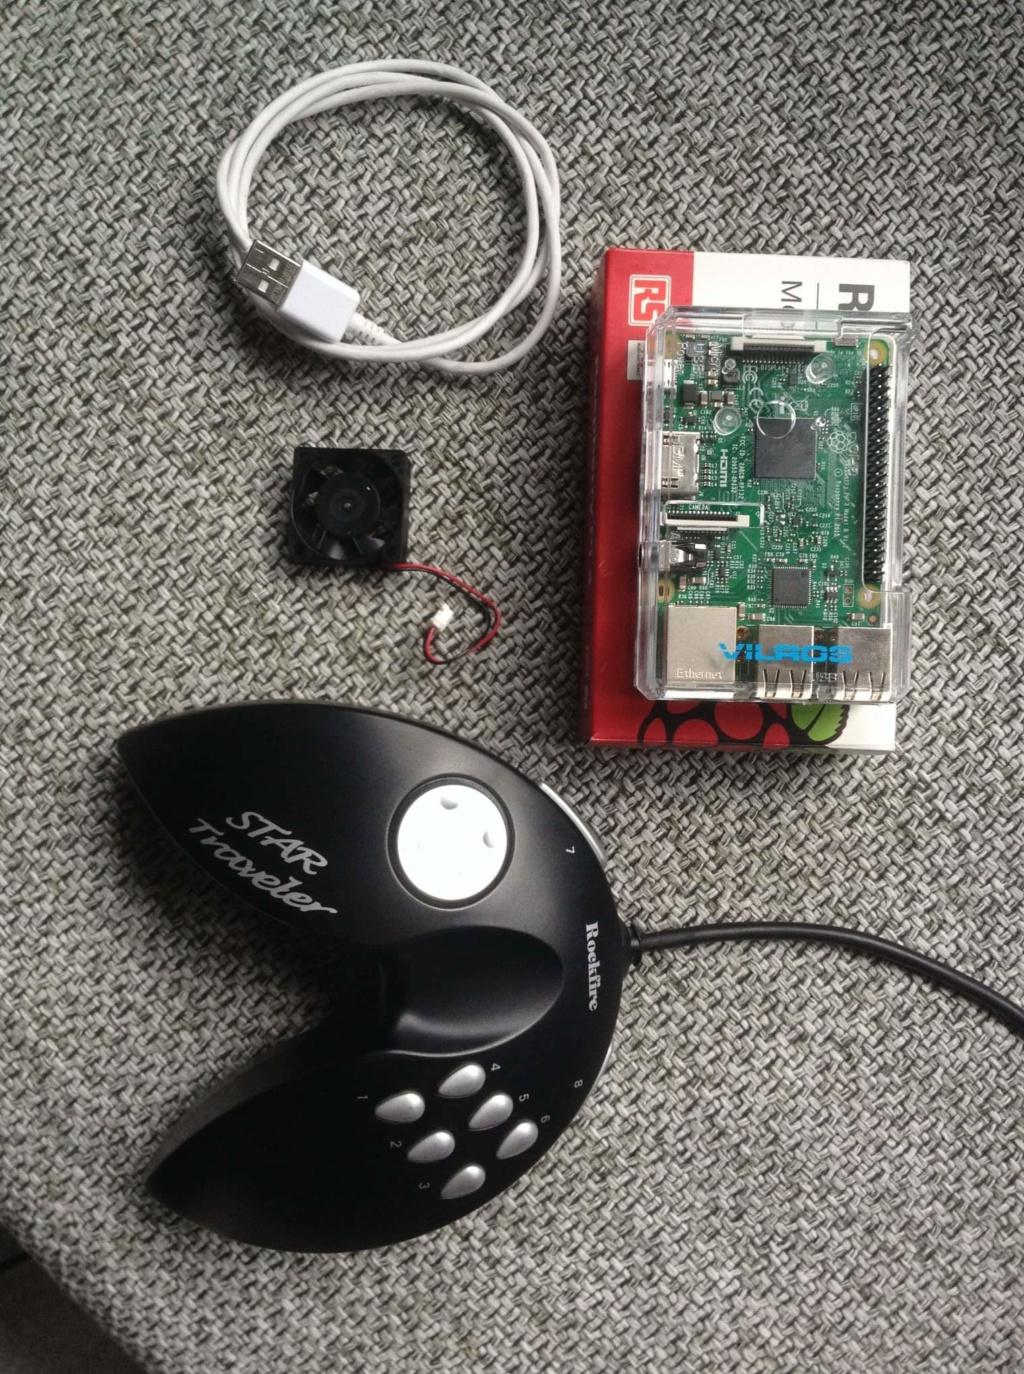 [VENDS] Gamehat + Raspberry 3b intégré Baisse de prix Fb_img11